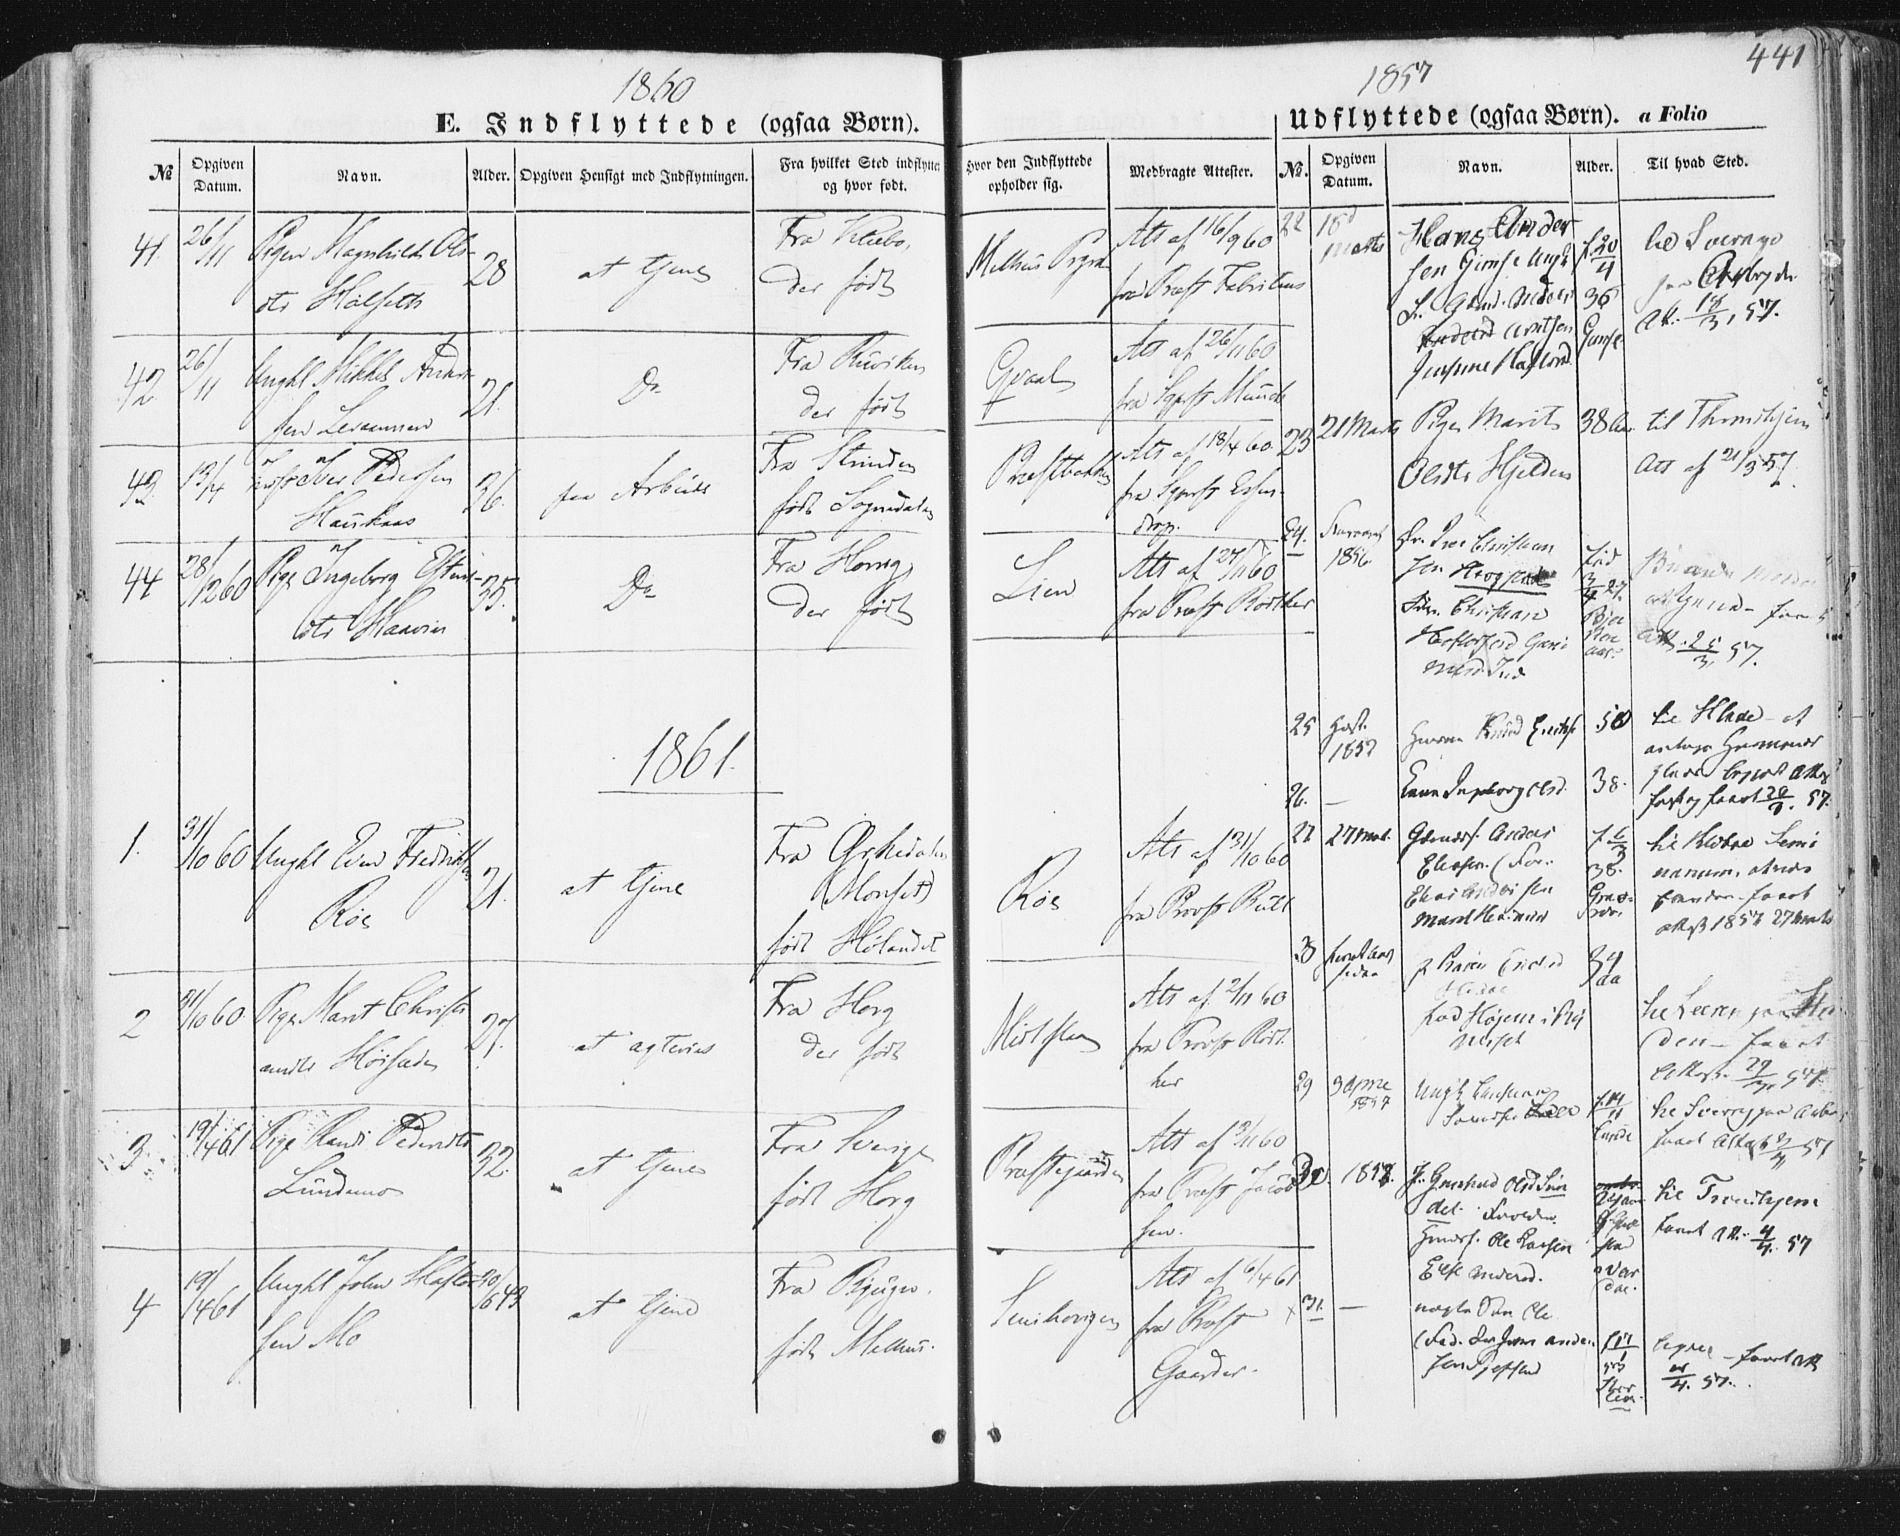 SAT, Ministerialprotokoller, klokkerbøker og fødselsregistre - Sør-Trøndelag, 691/L1076: Ministerialbok nr. 691A08, 1852-1861, s. 441